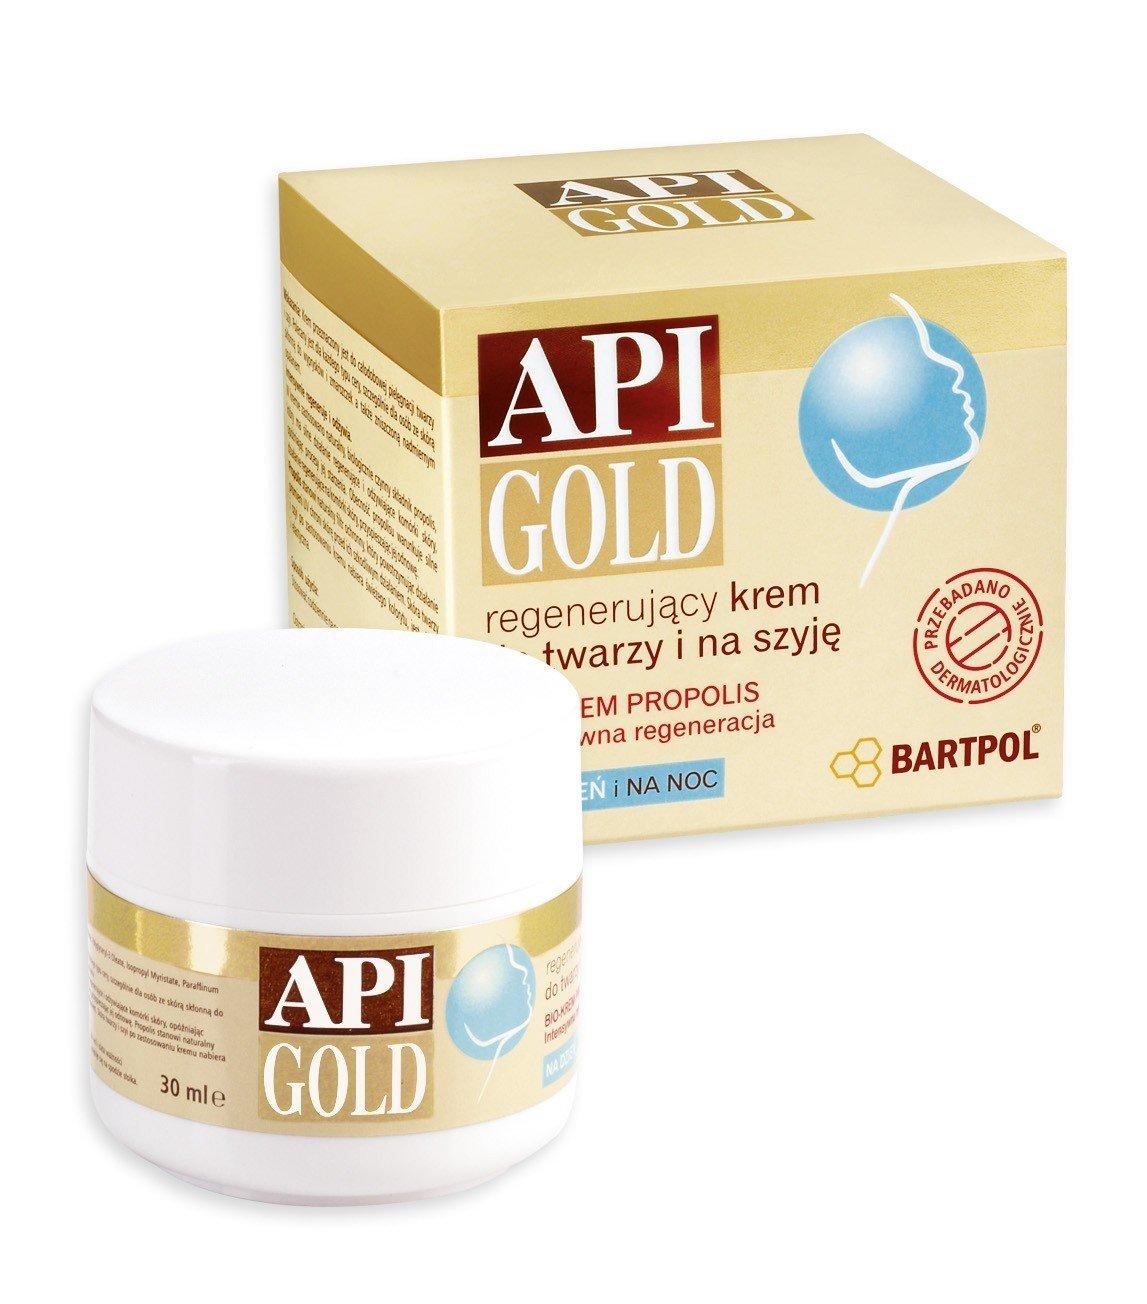 API GOLD Propolisowy krem do twarzy i szyji - BARTPOL